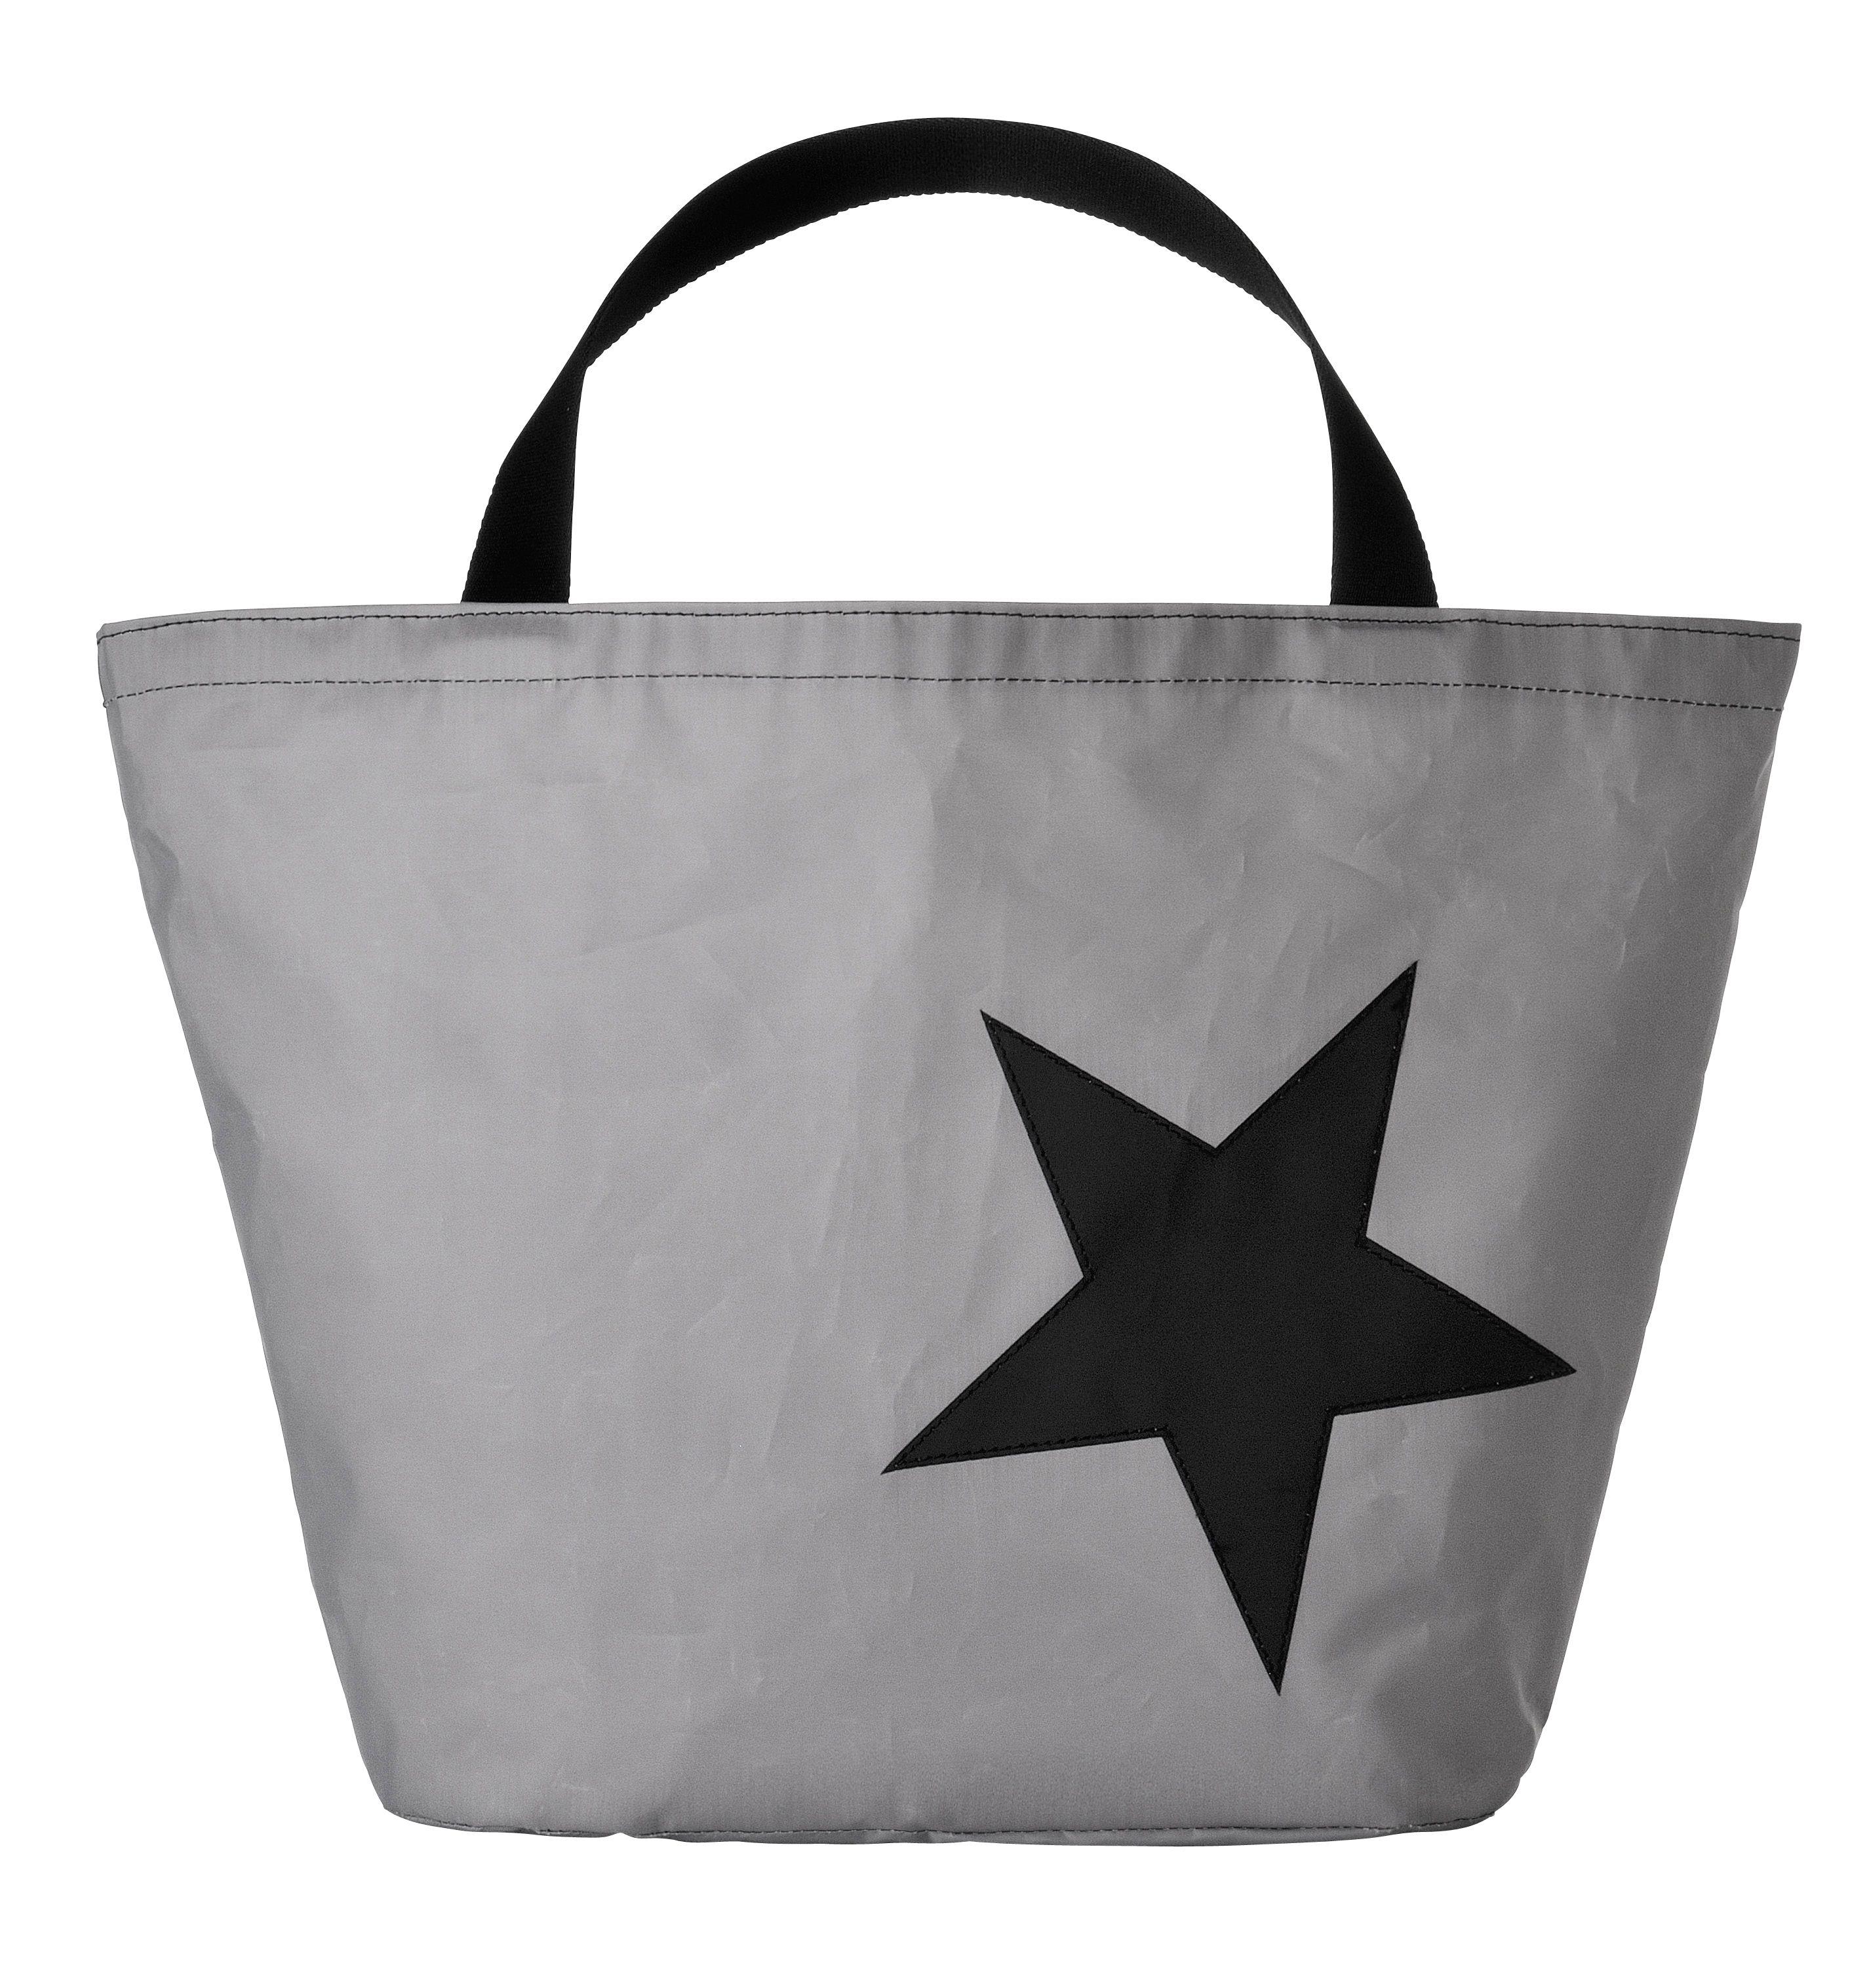 sac ryan sac cabas en voile de bateau recycl e sans de fermeture avec un mousqueton. Black Bedroom Furniture Sets. Home Design Ideas